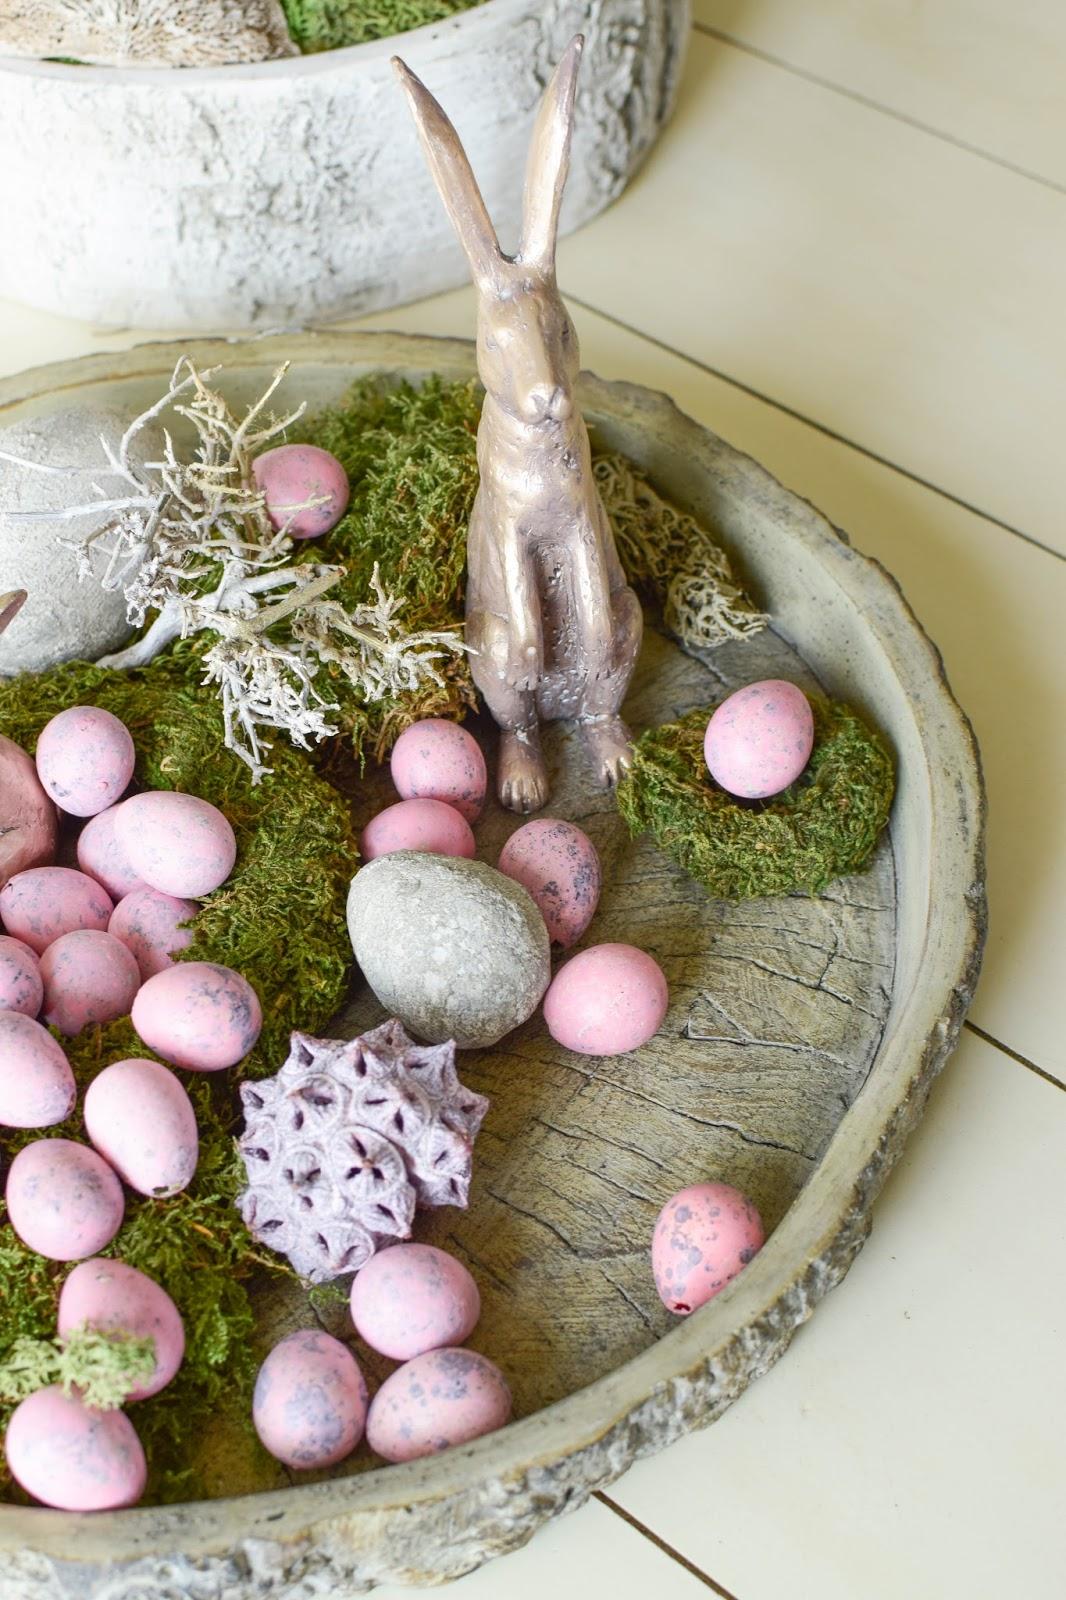 Dekoidee für Ostern: dekorieren mit Wachteleier Hasen Osterdeko mit Moos natürlich dekorieren